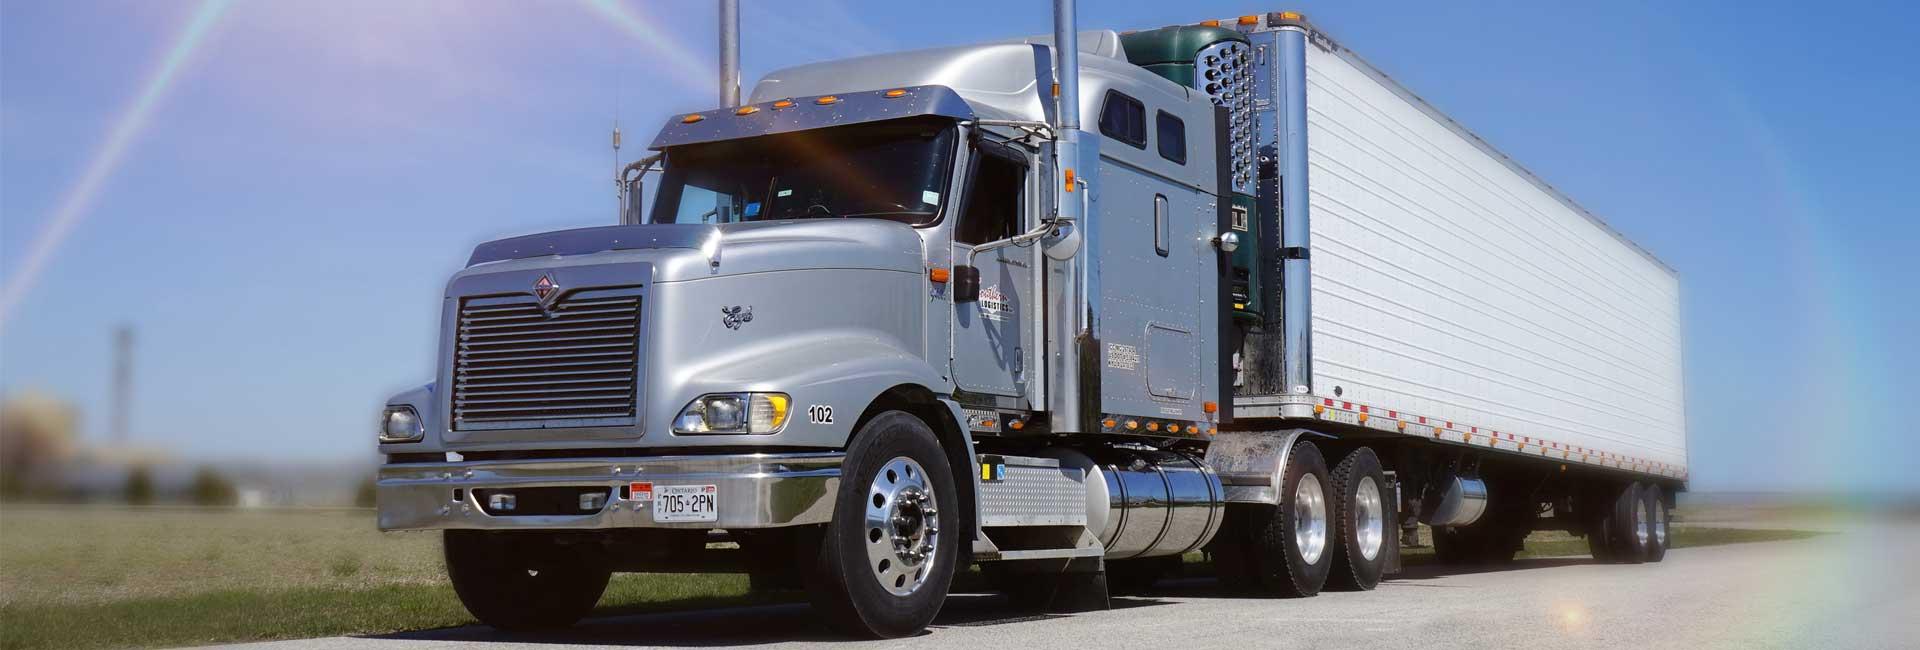 Truck Transportation Ontario